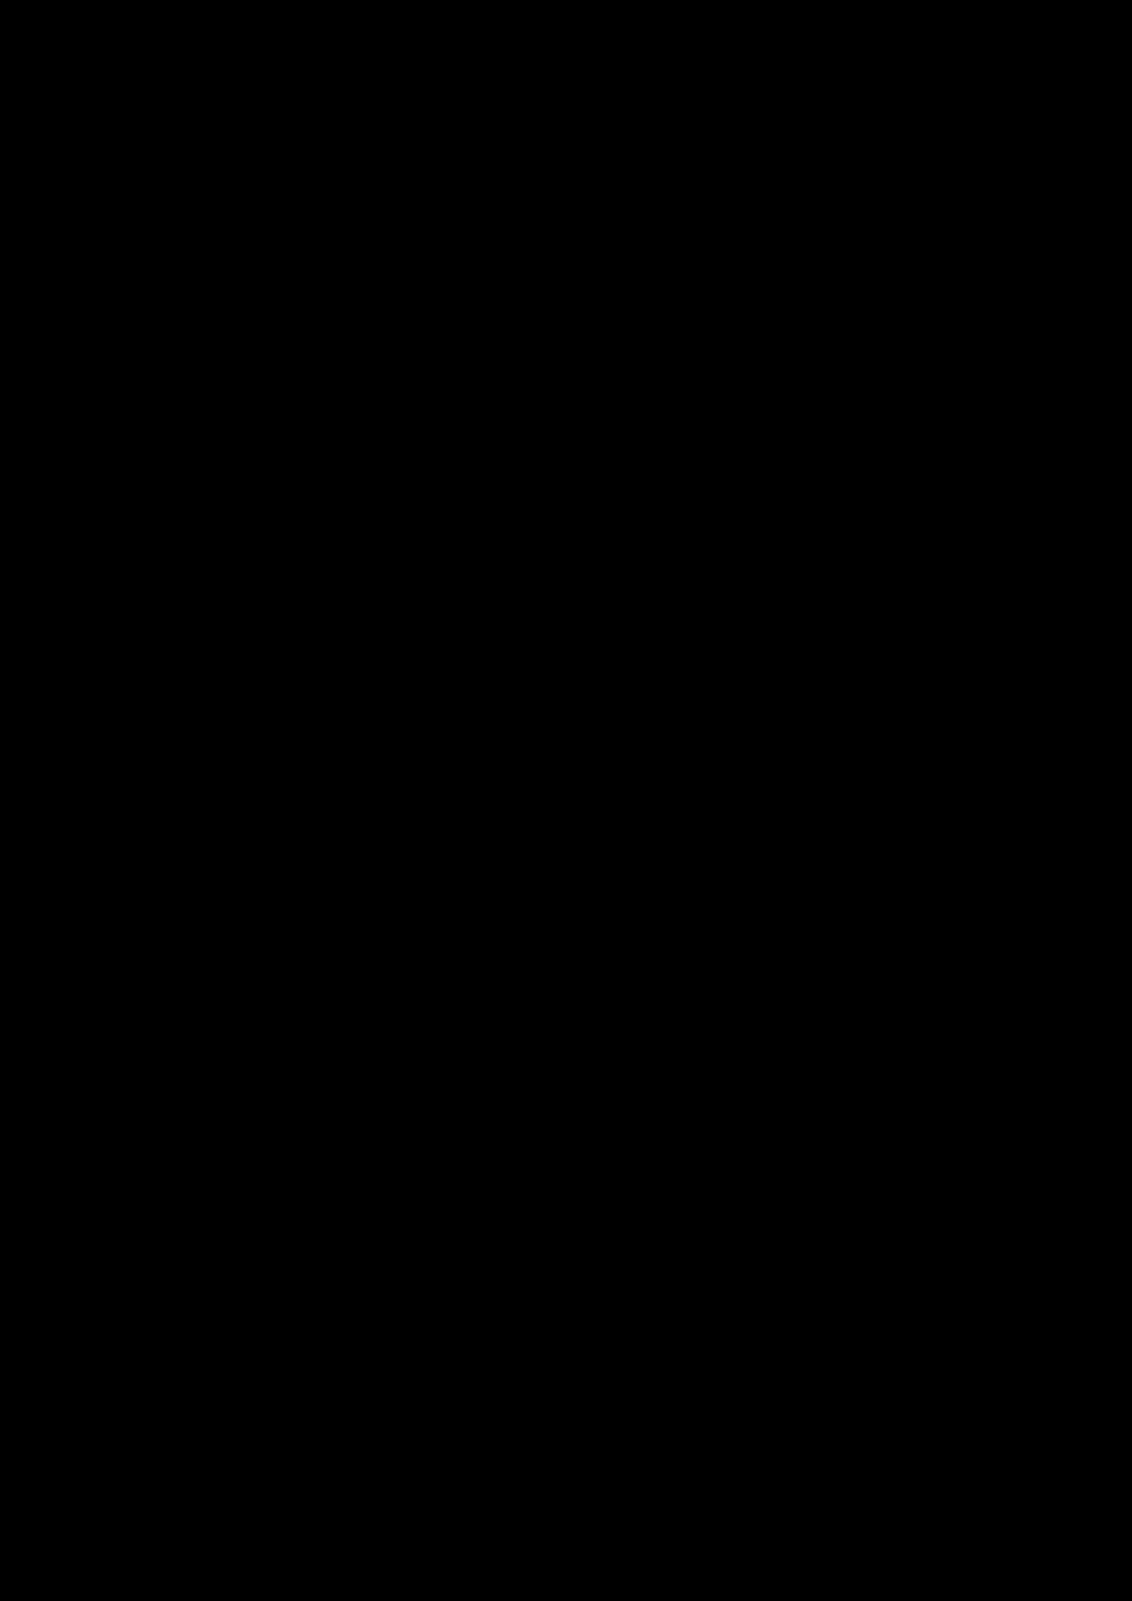 Zagadka volshebnoy stranyi slide, Image 168